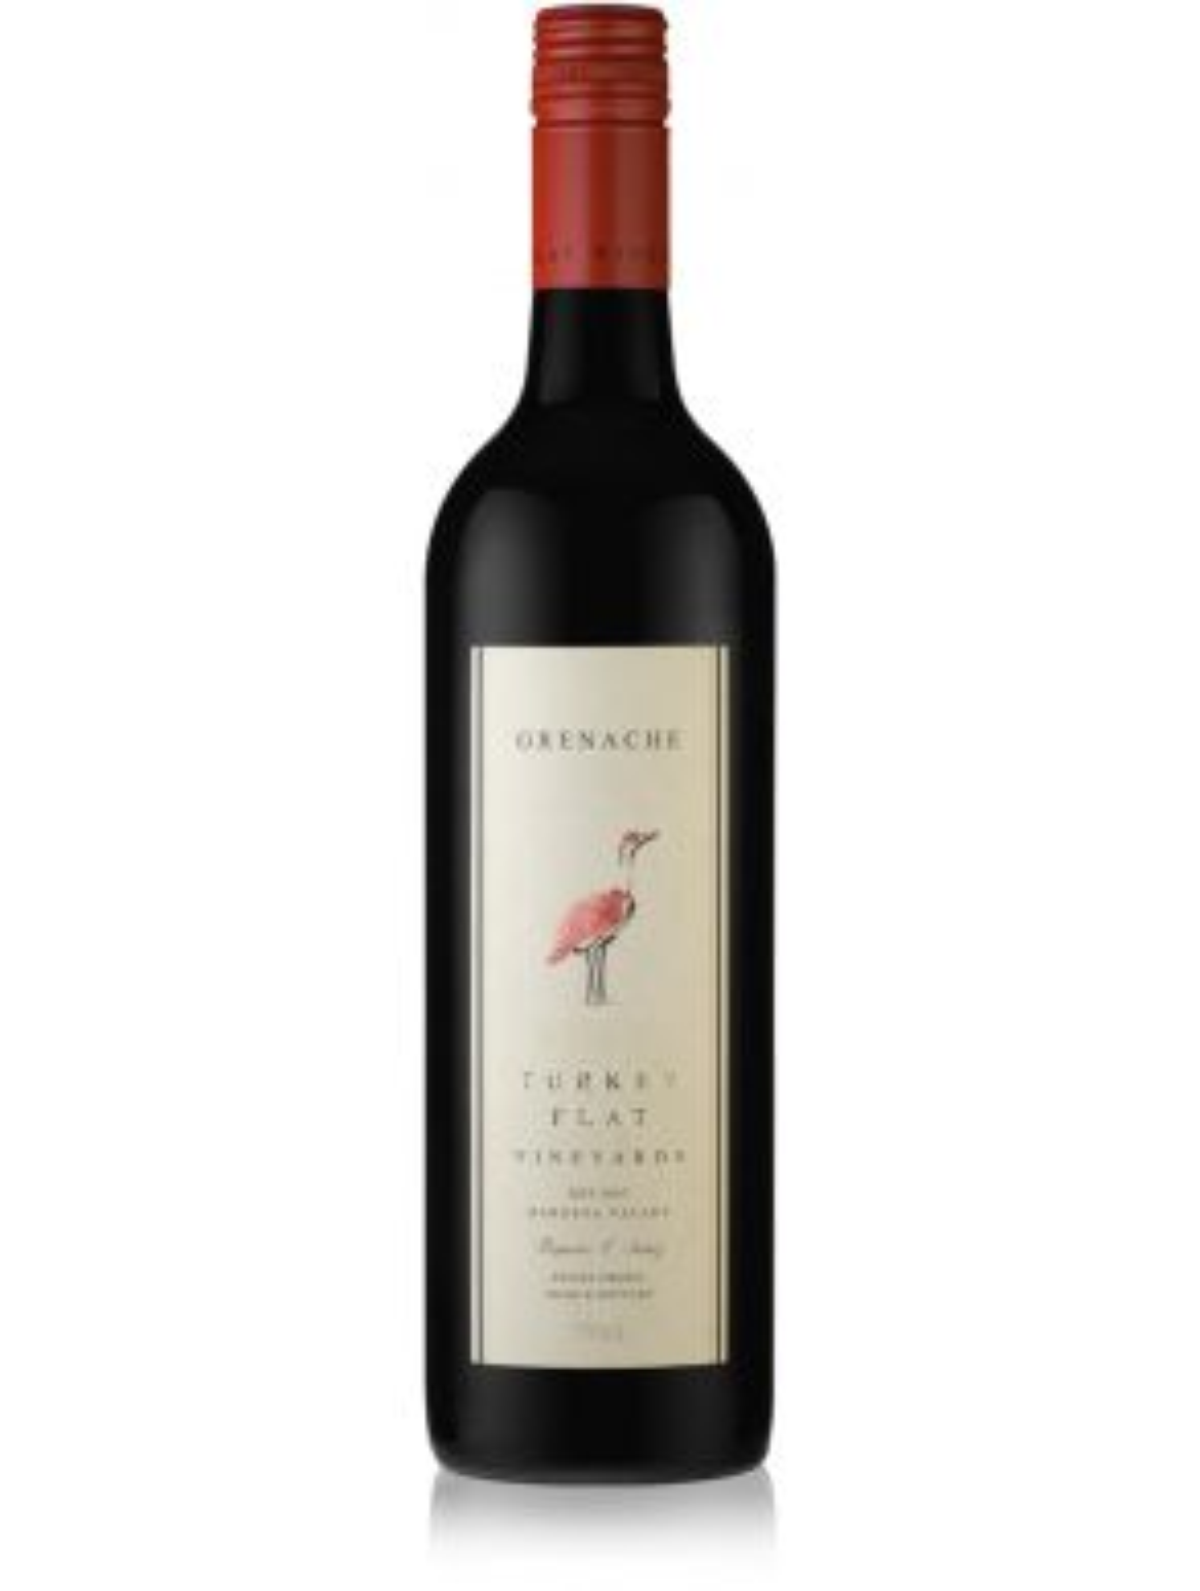 Turkey Flat Grenache Barossa Valley Australia Red Wine 2013 75cl